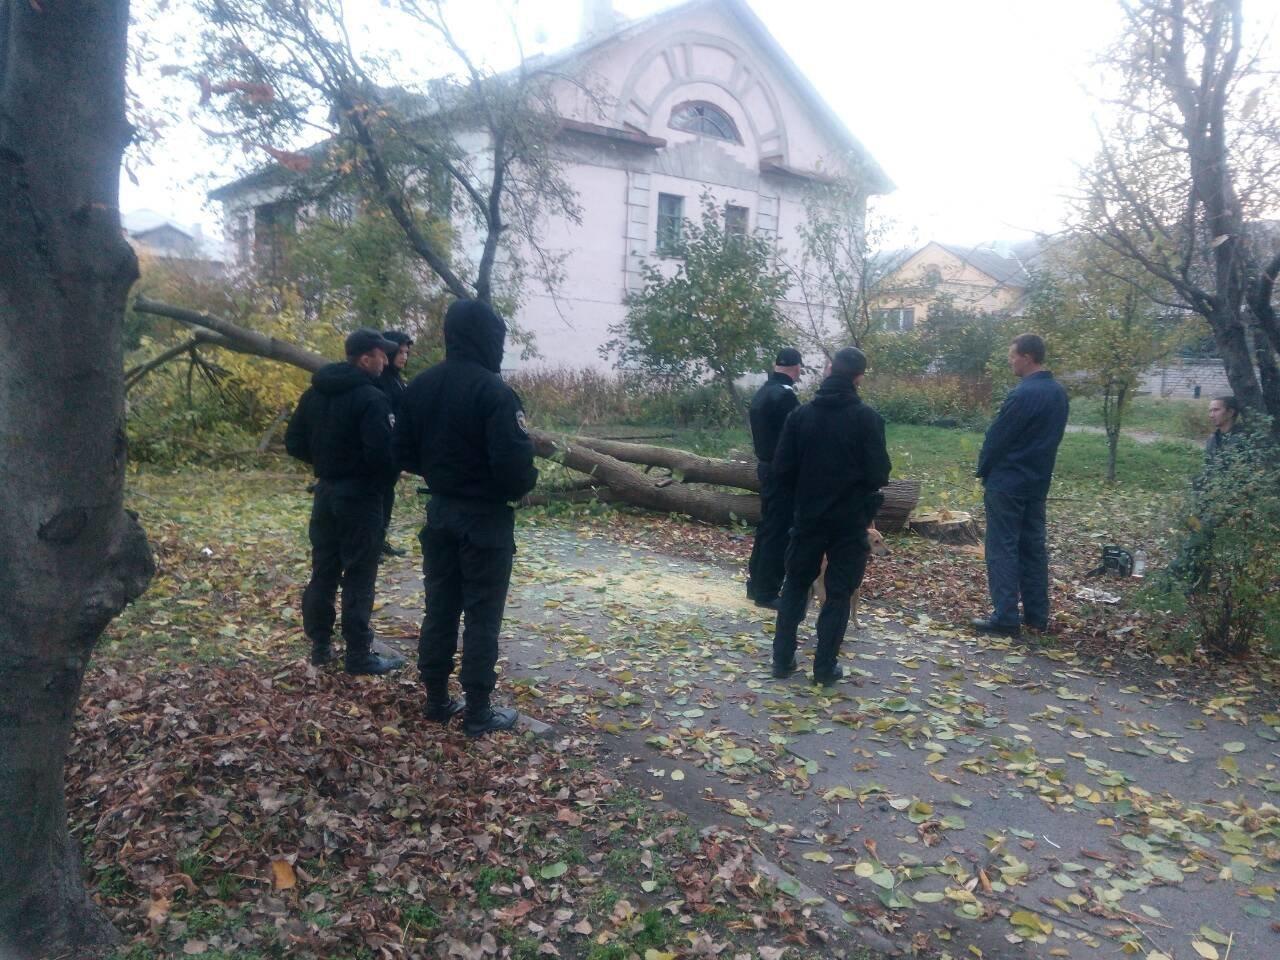 Незаконная вырубка деревьев: работники каменской «Муниципальной гвардии» задержали подозреваемых, фото-1